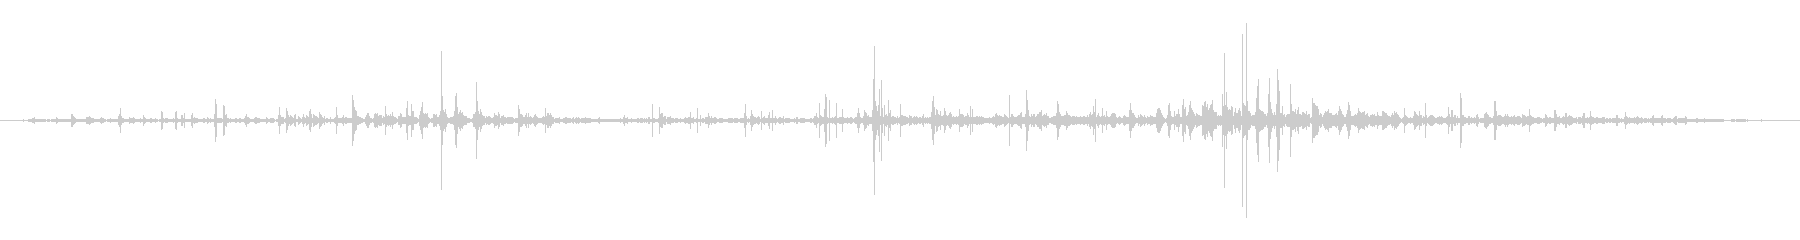 ハードダートホース:ギャロップアッ...の未再生の波形